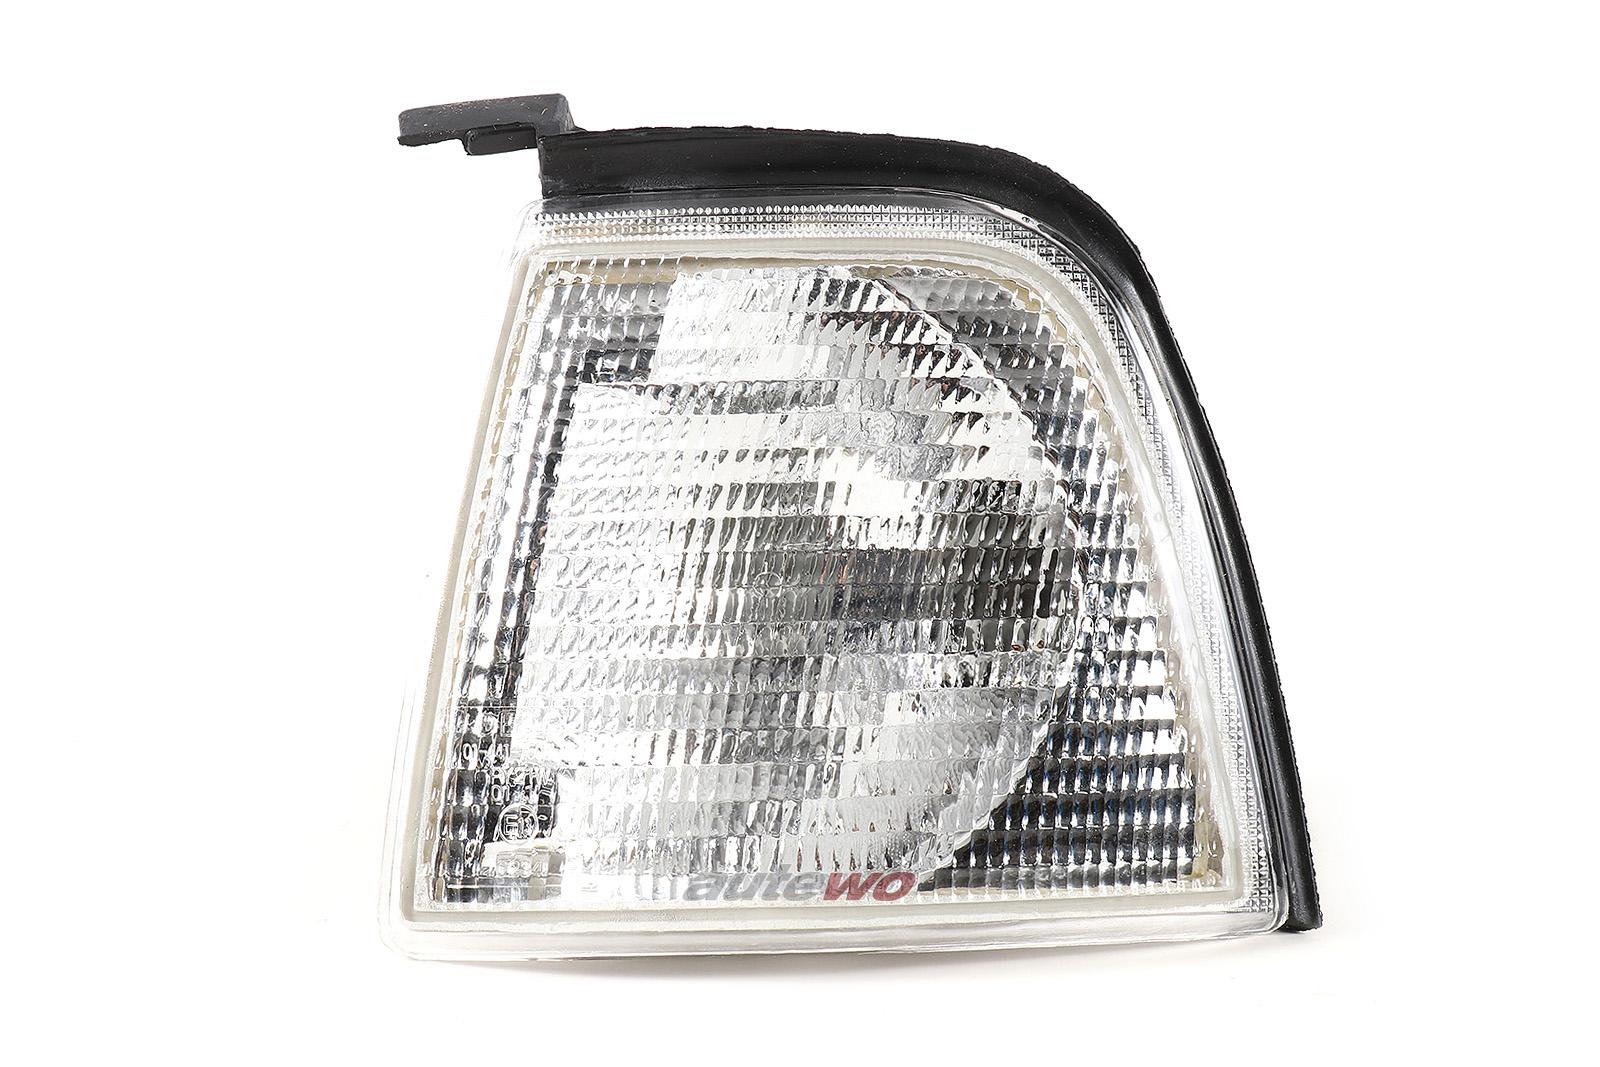 NEU Blinker Vorne Links weiß für Audi 80 Typ 89/B4 entspricht 8A0953049A